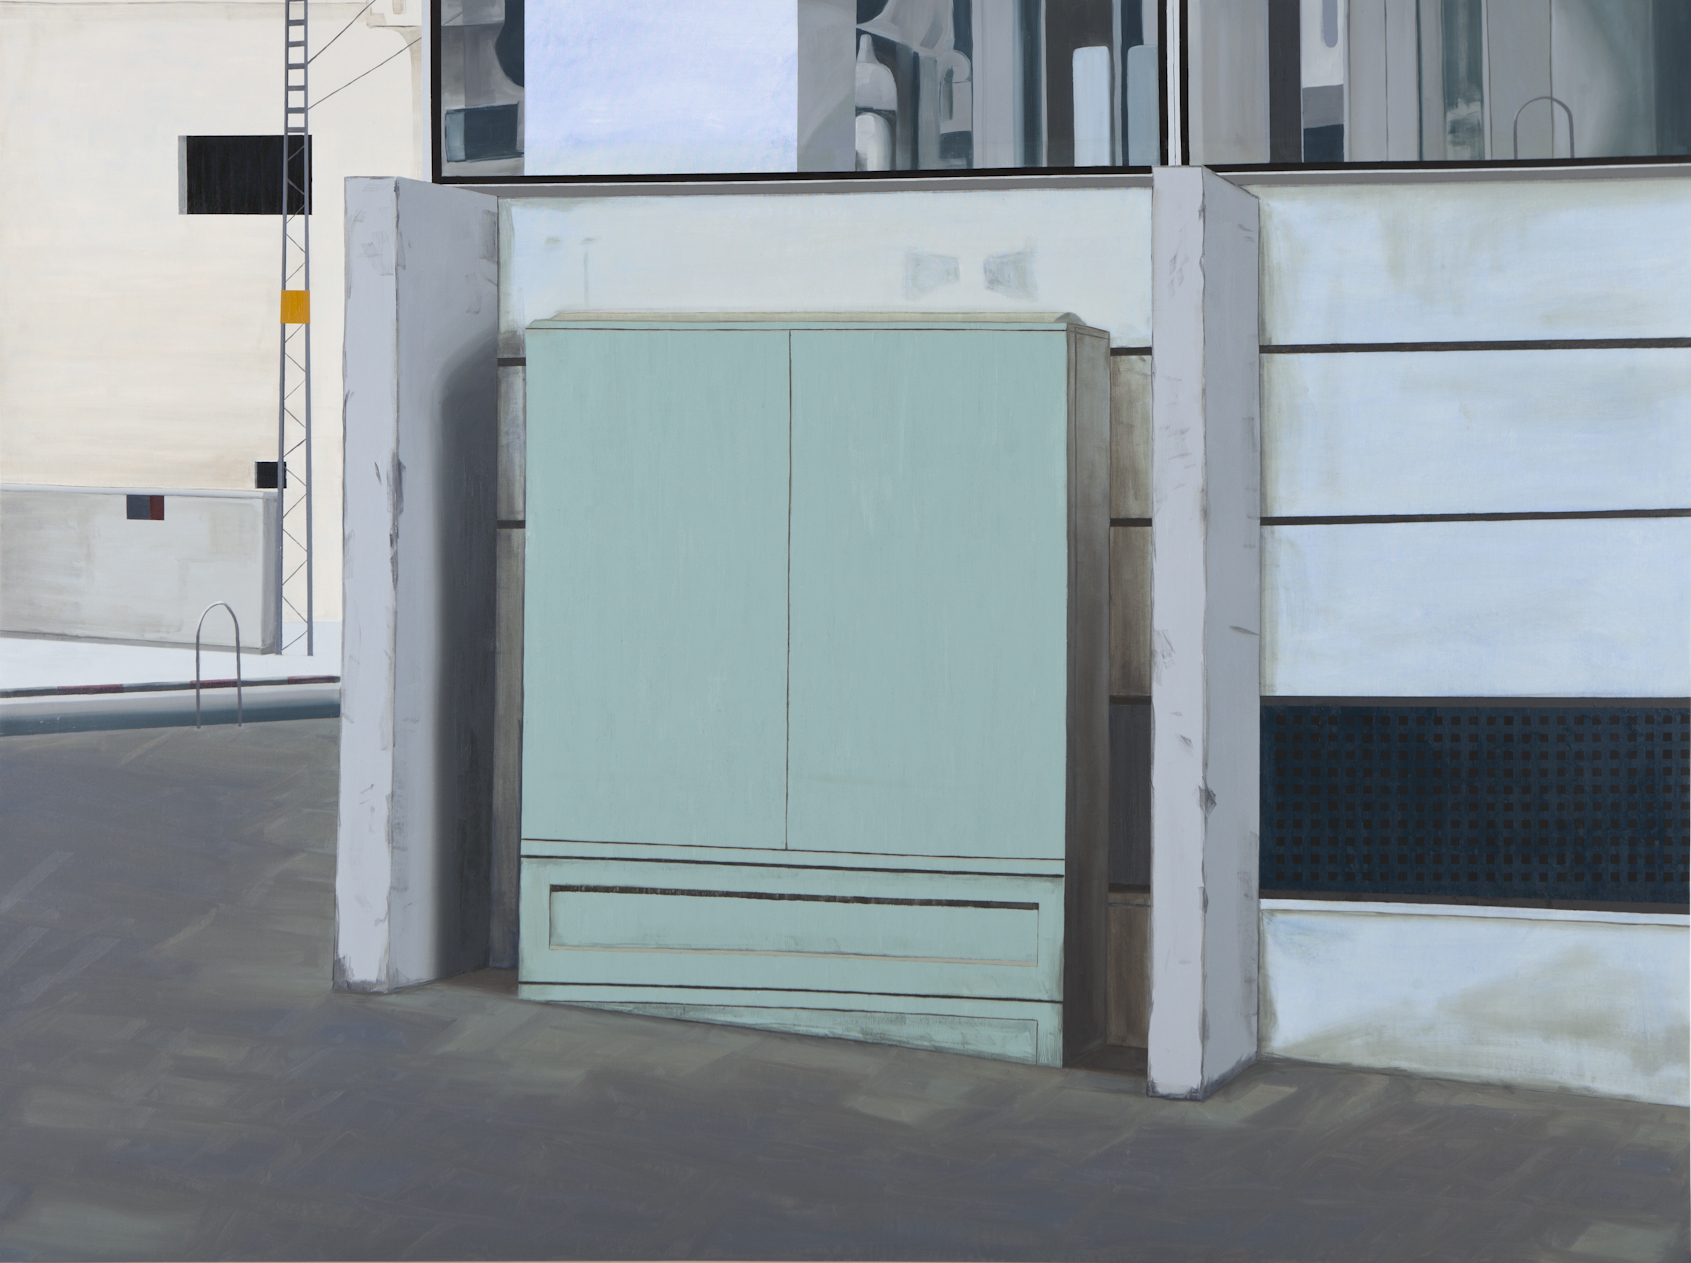 Grey (Utility Box)